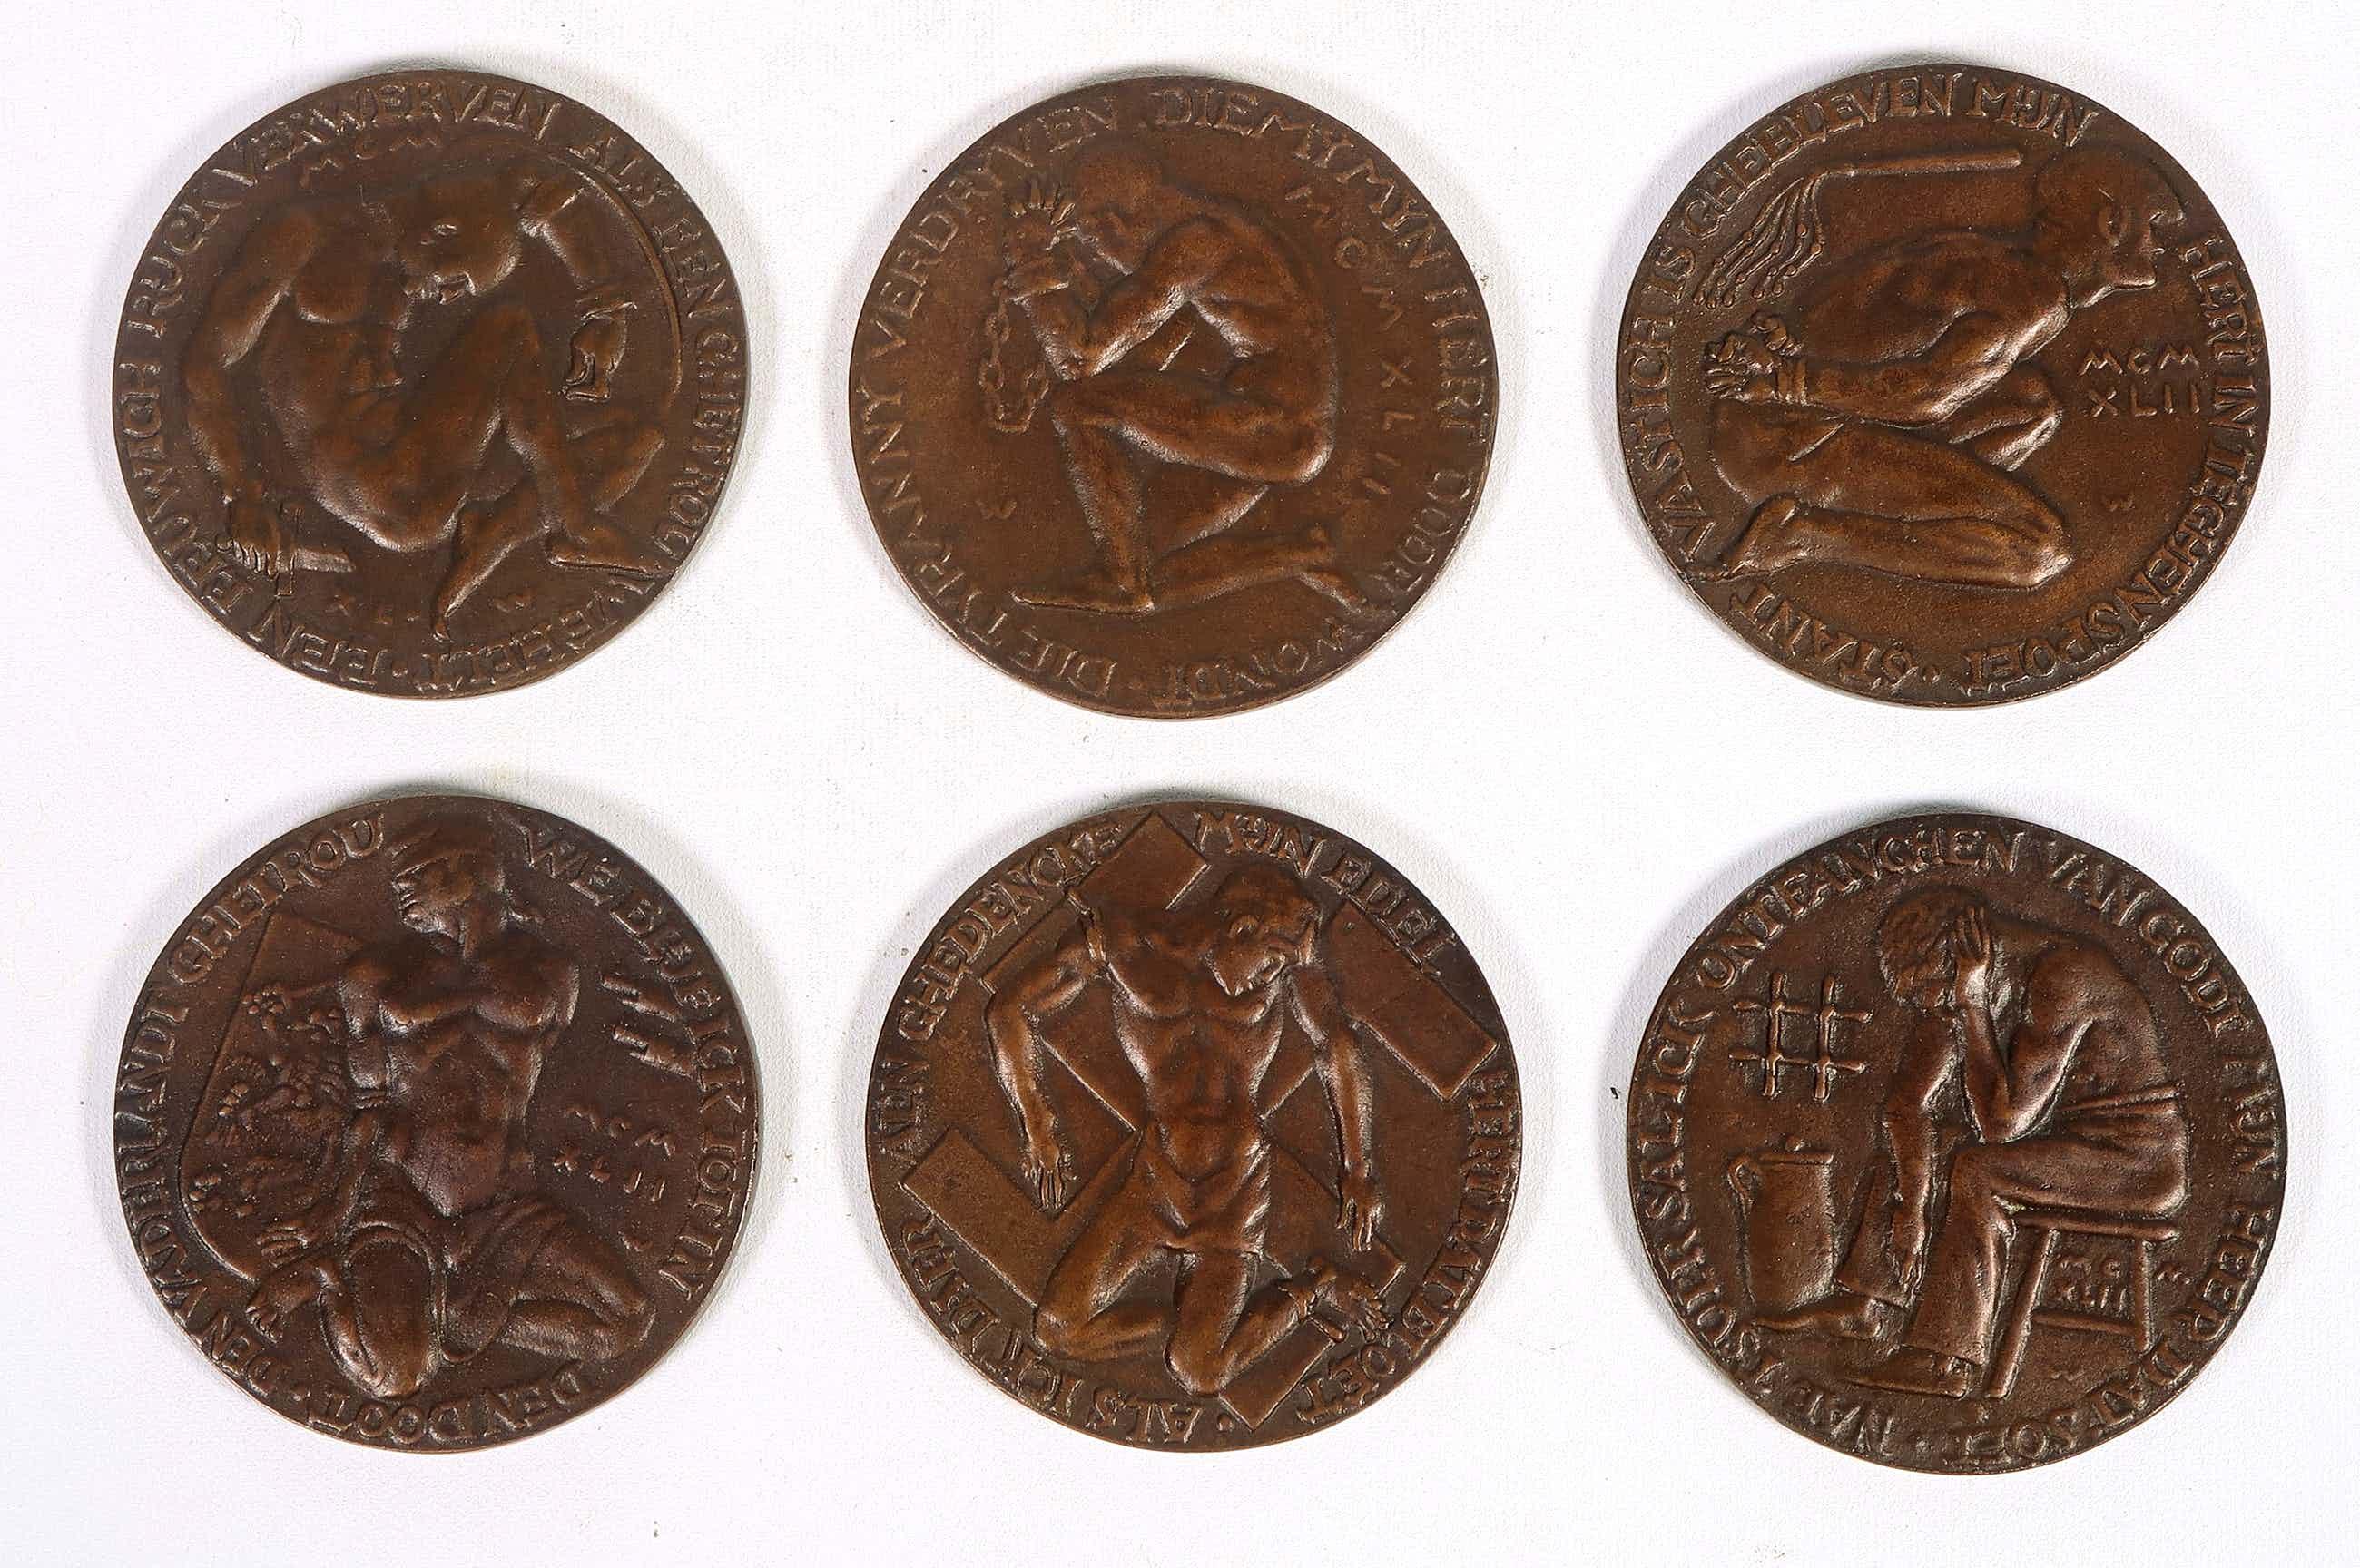 Oswald Wenckebach - Serie van 6 bronzen penningen, Op het Verzet 1940-1945 kopen? Bied vanaf 120!